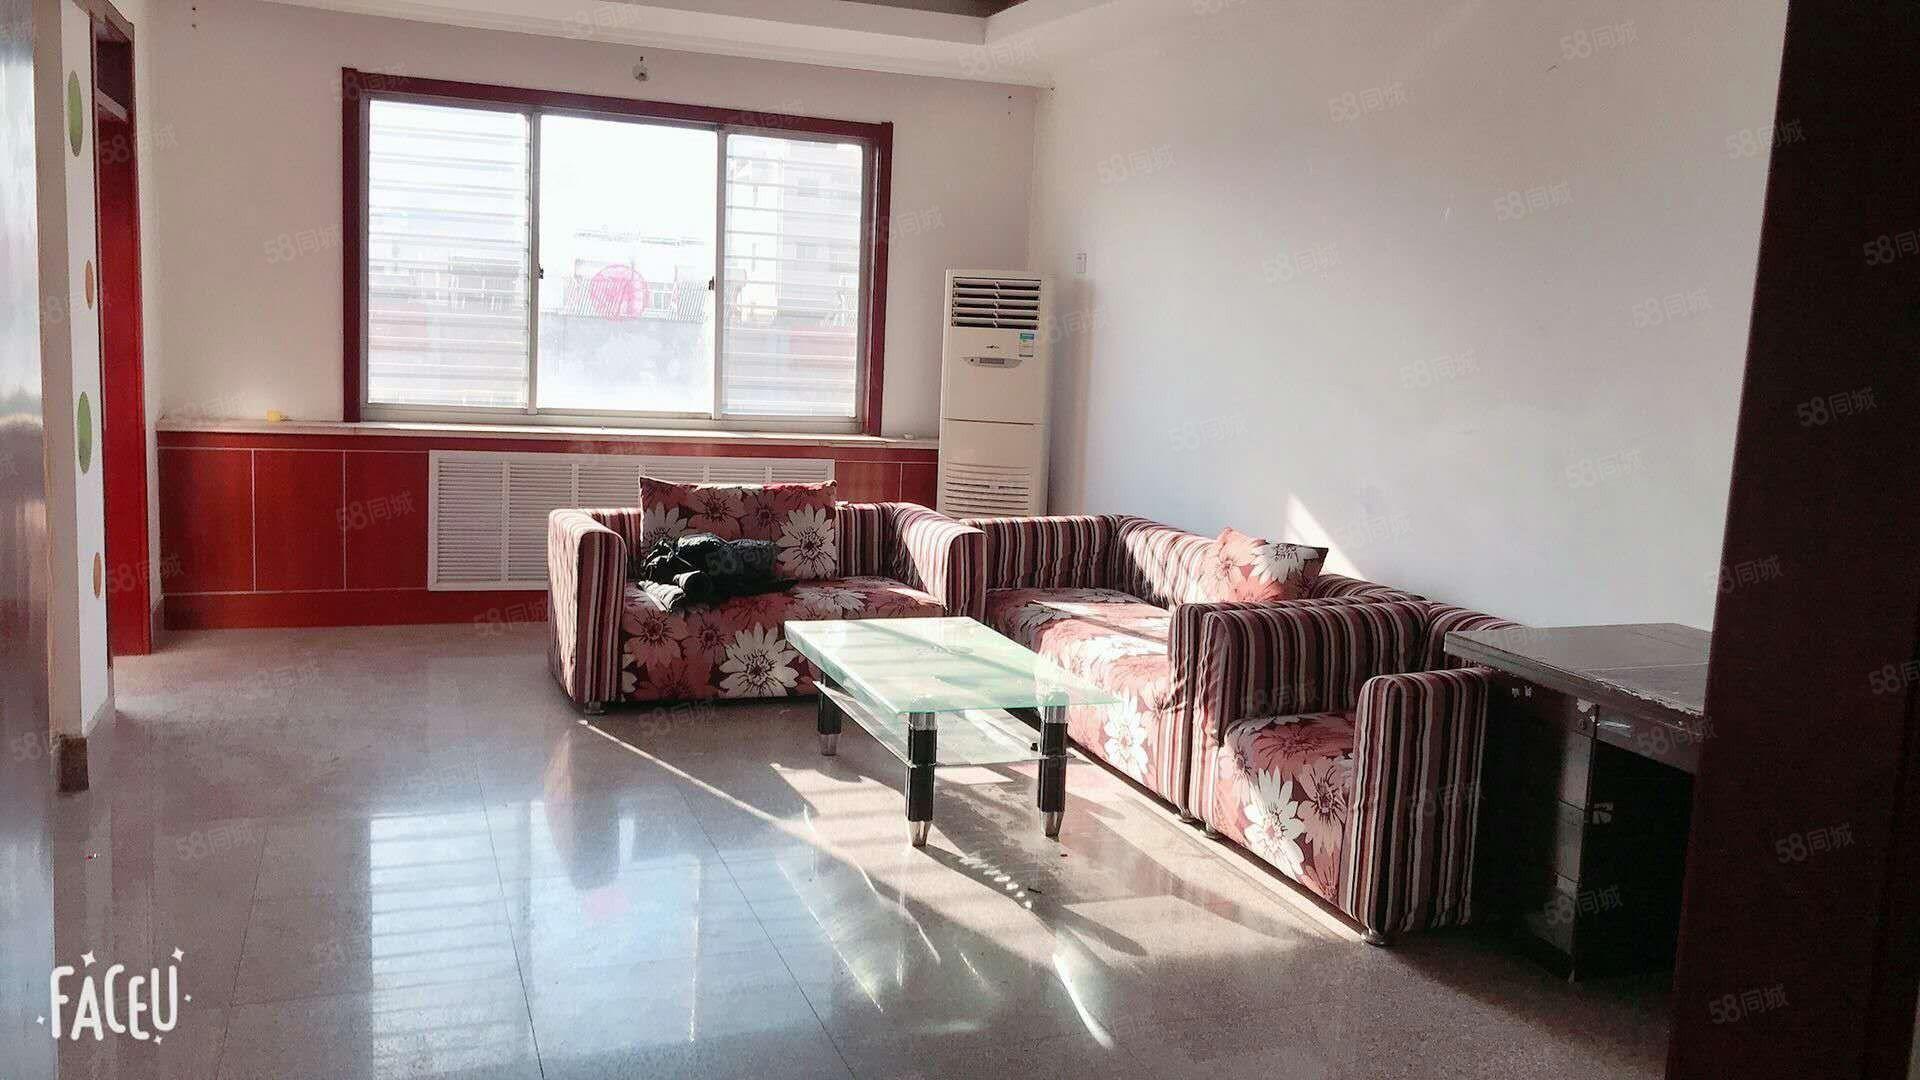 政和街贵华苑多层4楼带空调沙发餐桌看房方便